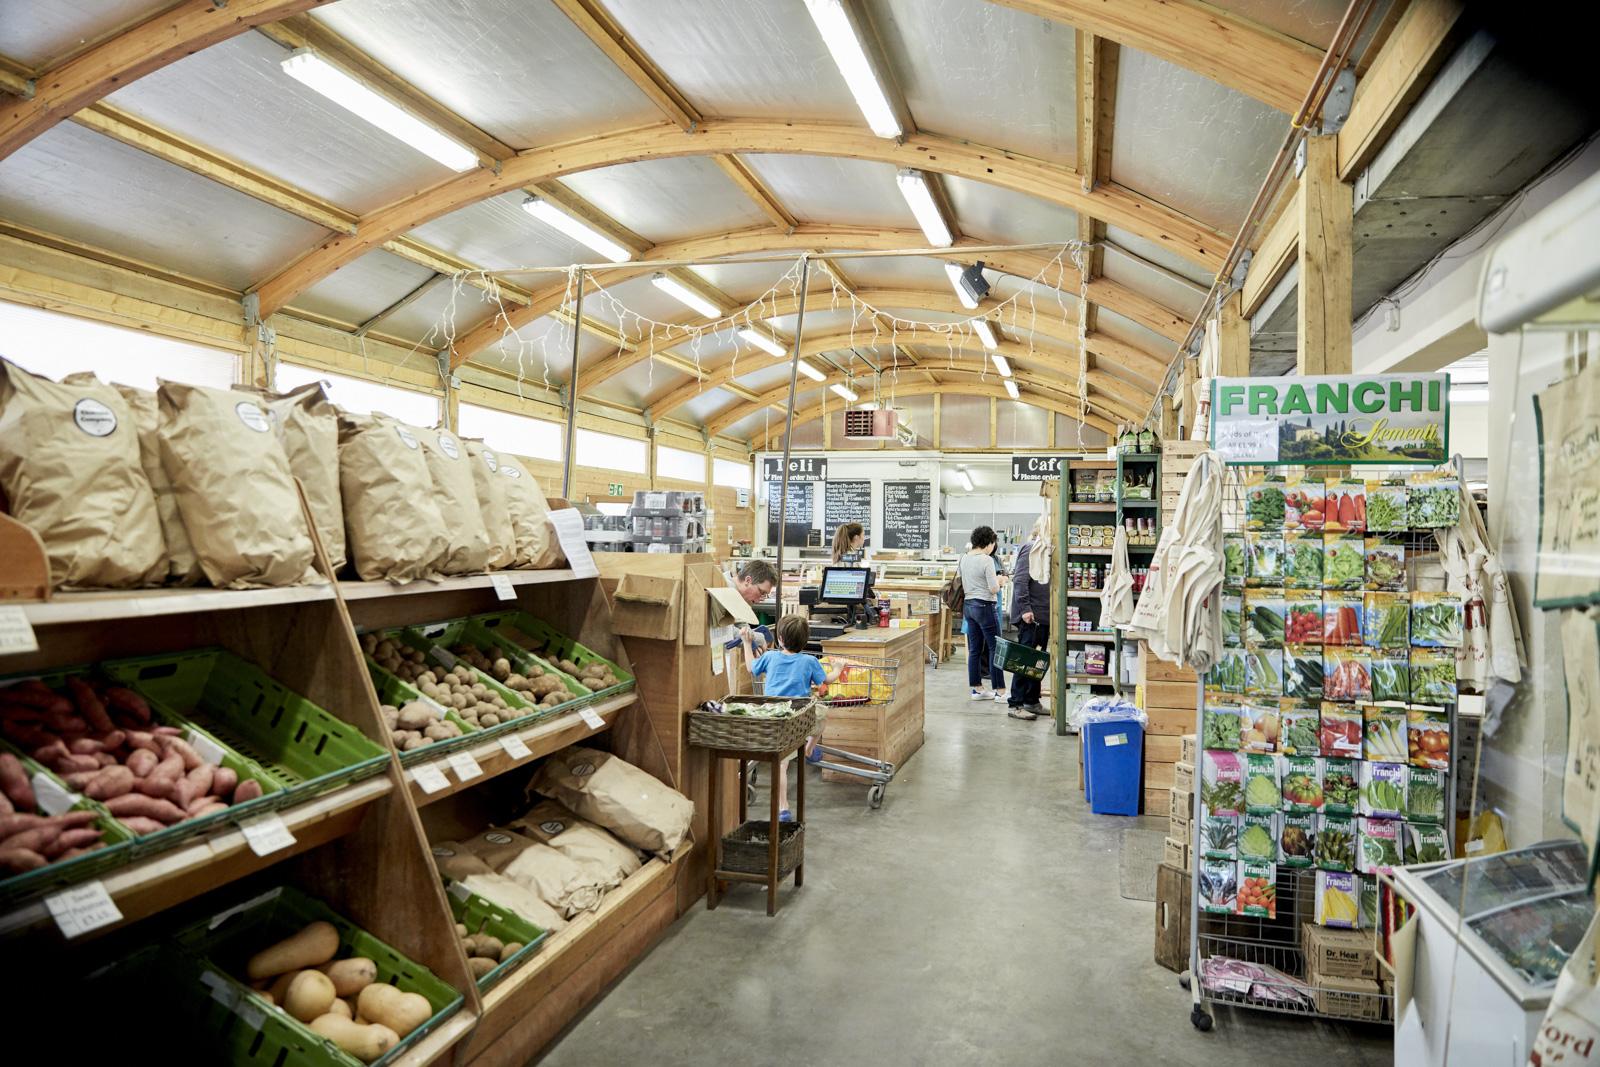 WALNUT_RIVERFORD_FARM_SHOP_005_LR.jpg